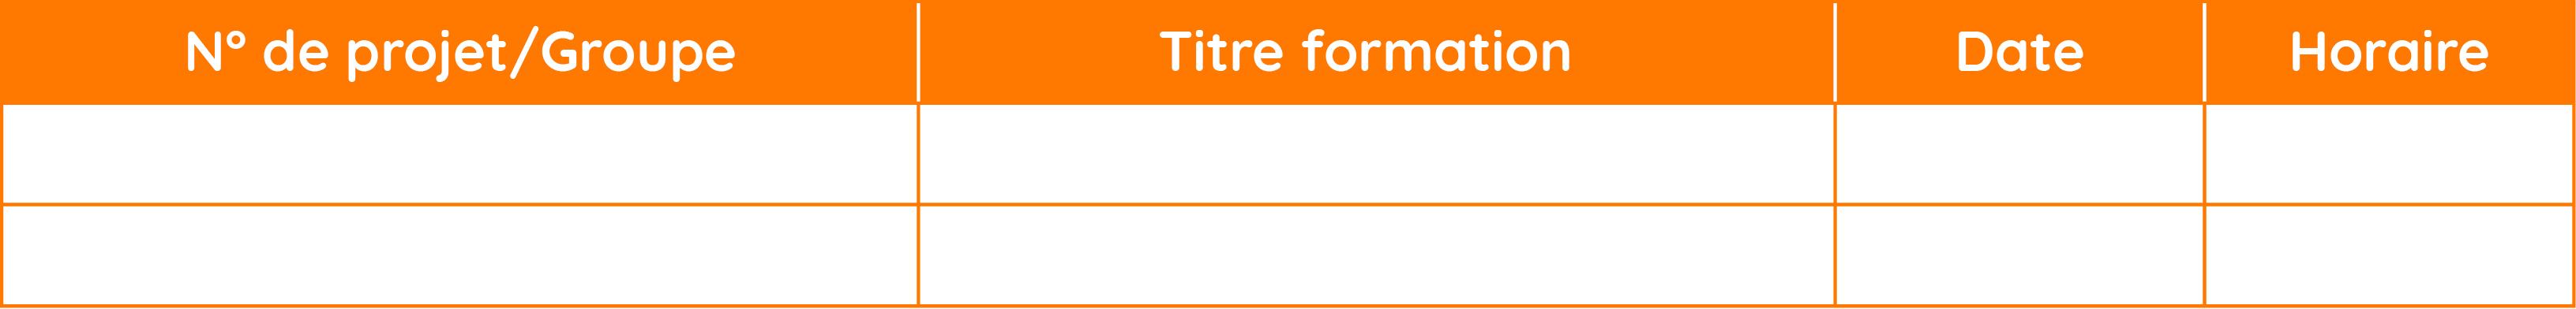 N° de projet/Groupe - Titre formation- Date - Horaire